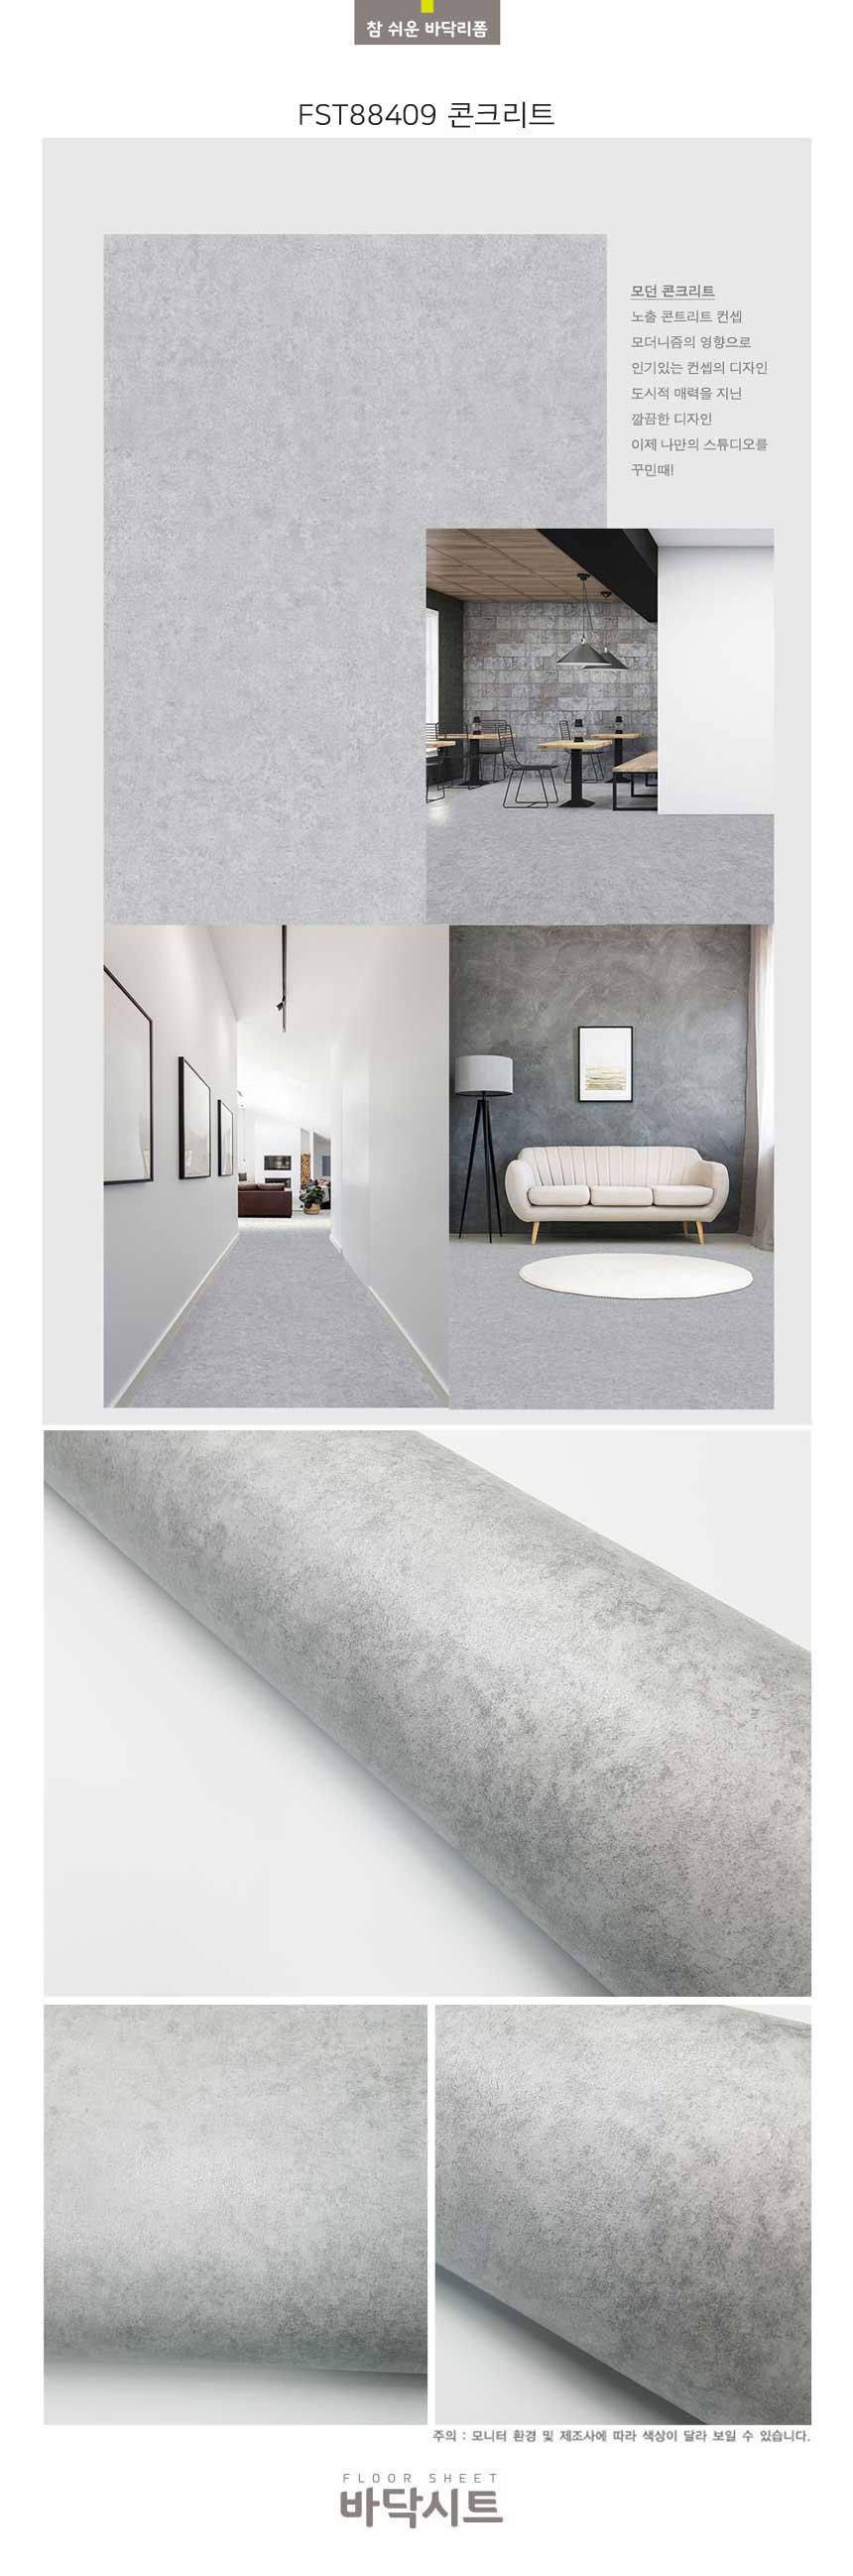 인테리어 바닥 장판 시트지 콘크리트 - 마이월플레이즈, 4,700원, 장식/부자재, 바닥장식